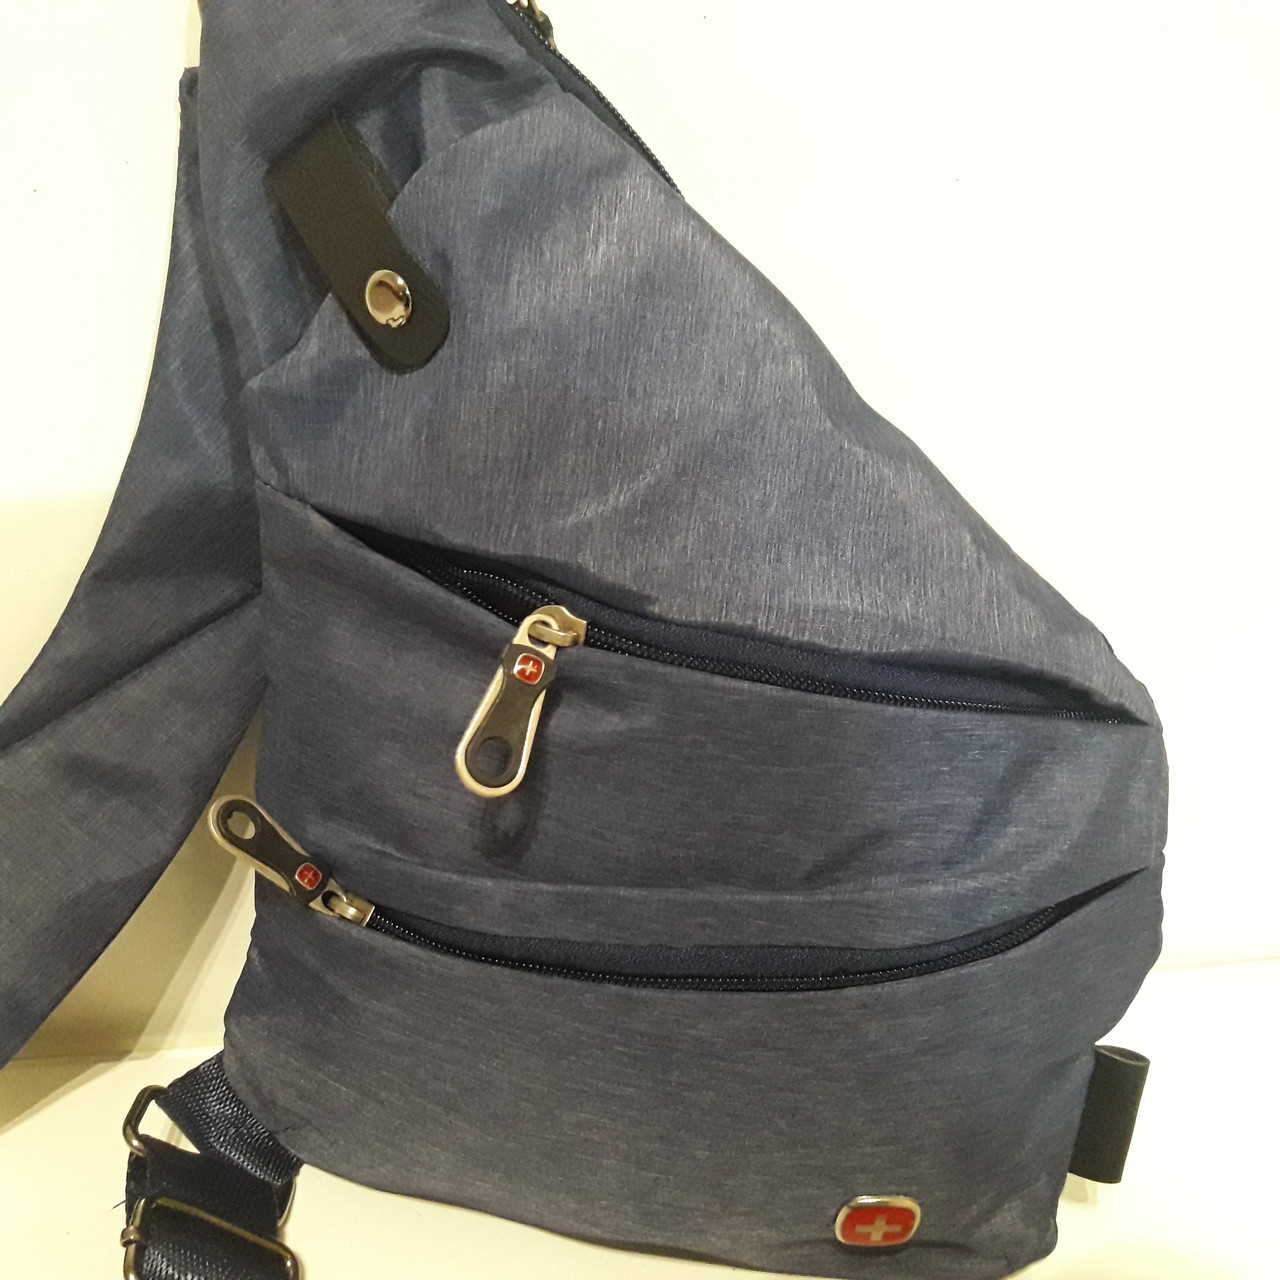 473711345684 Городской рюкзак Swissgear на одно плечо мини 7 л серый синий купить ...